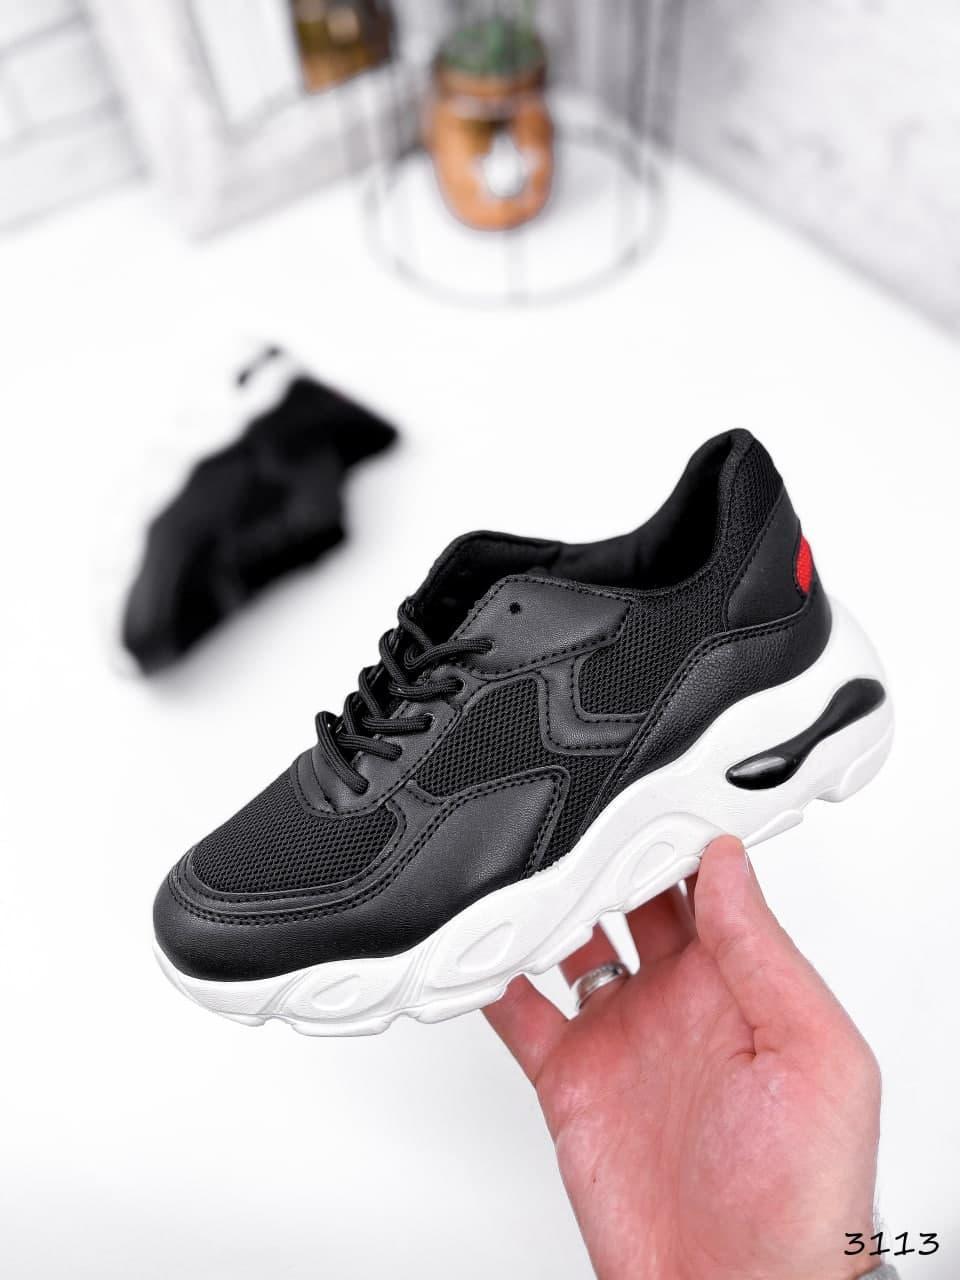 Кросівки жіночі чорні на білій підошві з еко шкіри та текстилю. Кросівки спортивні зі вставками текстилю